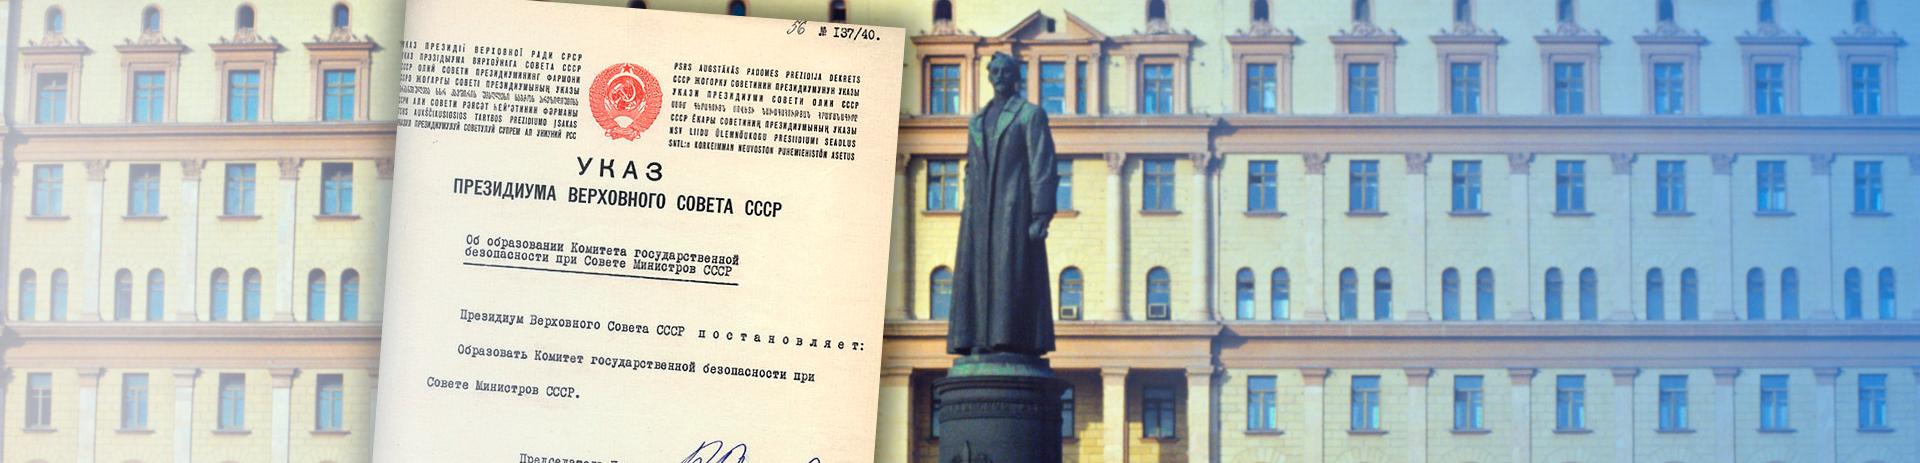 20 декабря - День работника органов государственной и национальной безопасности РФ (ФСБ)